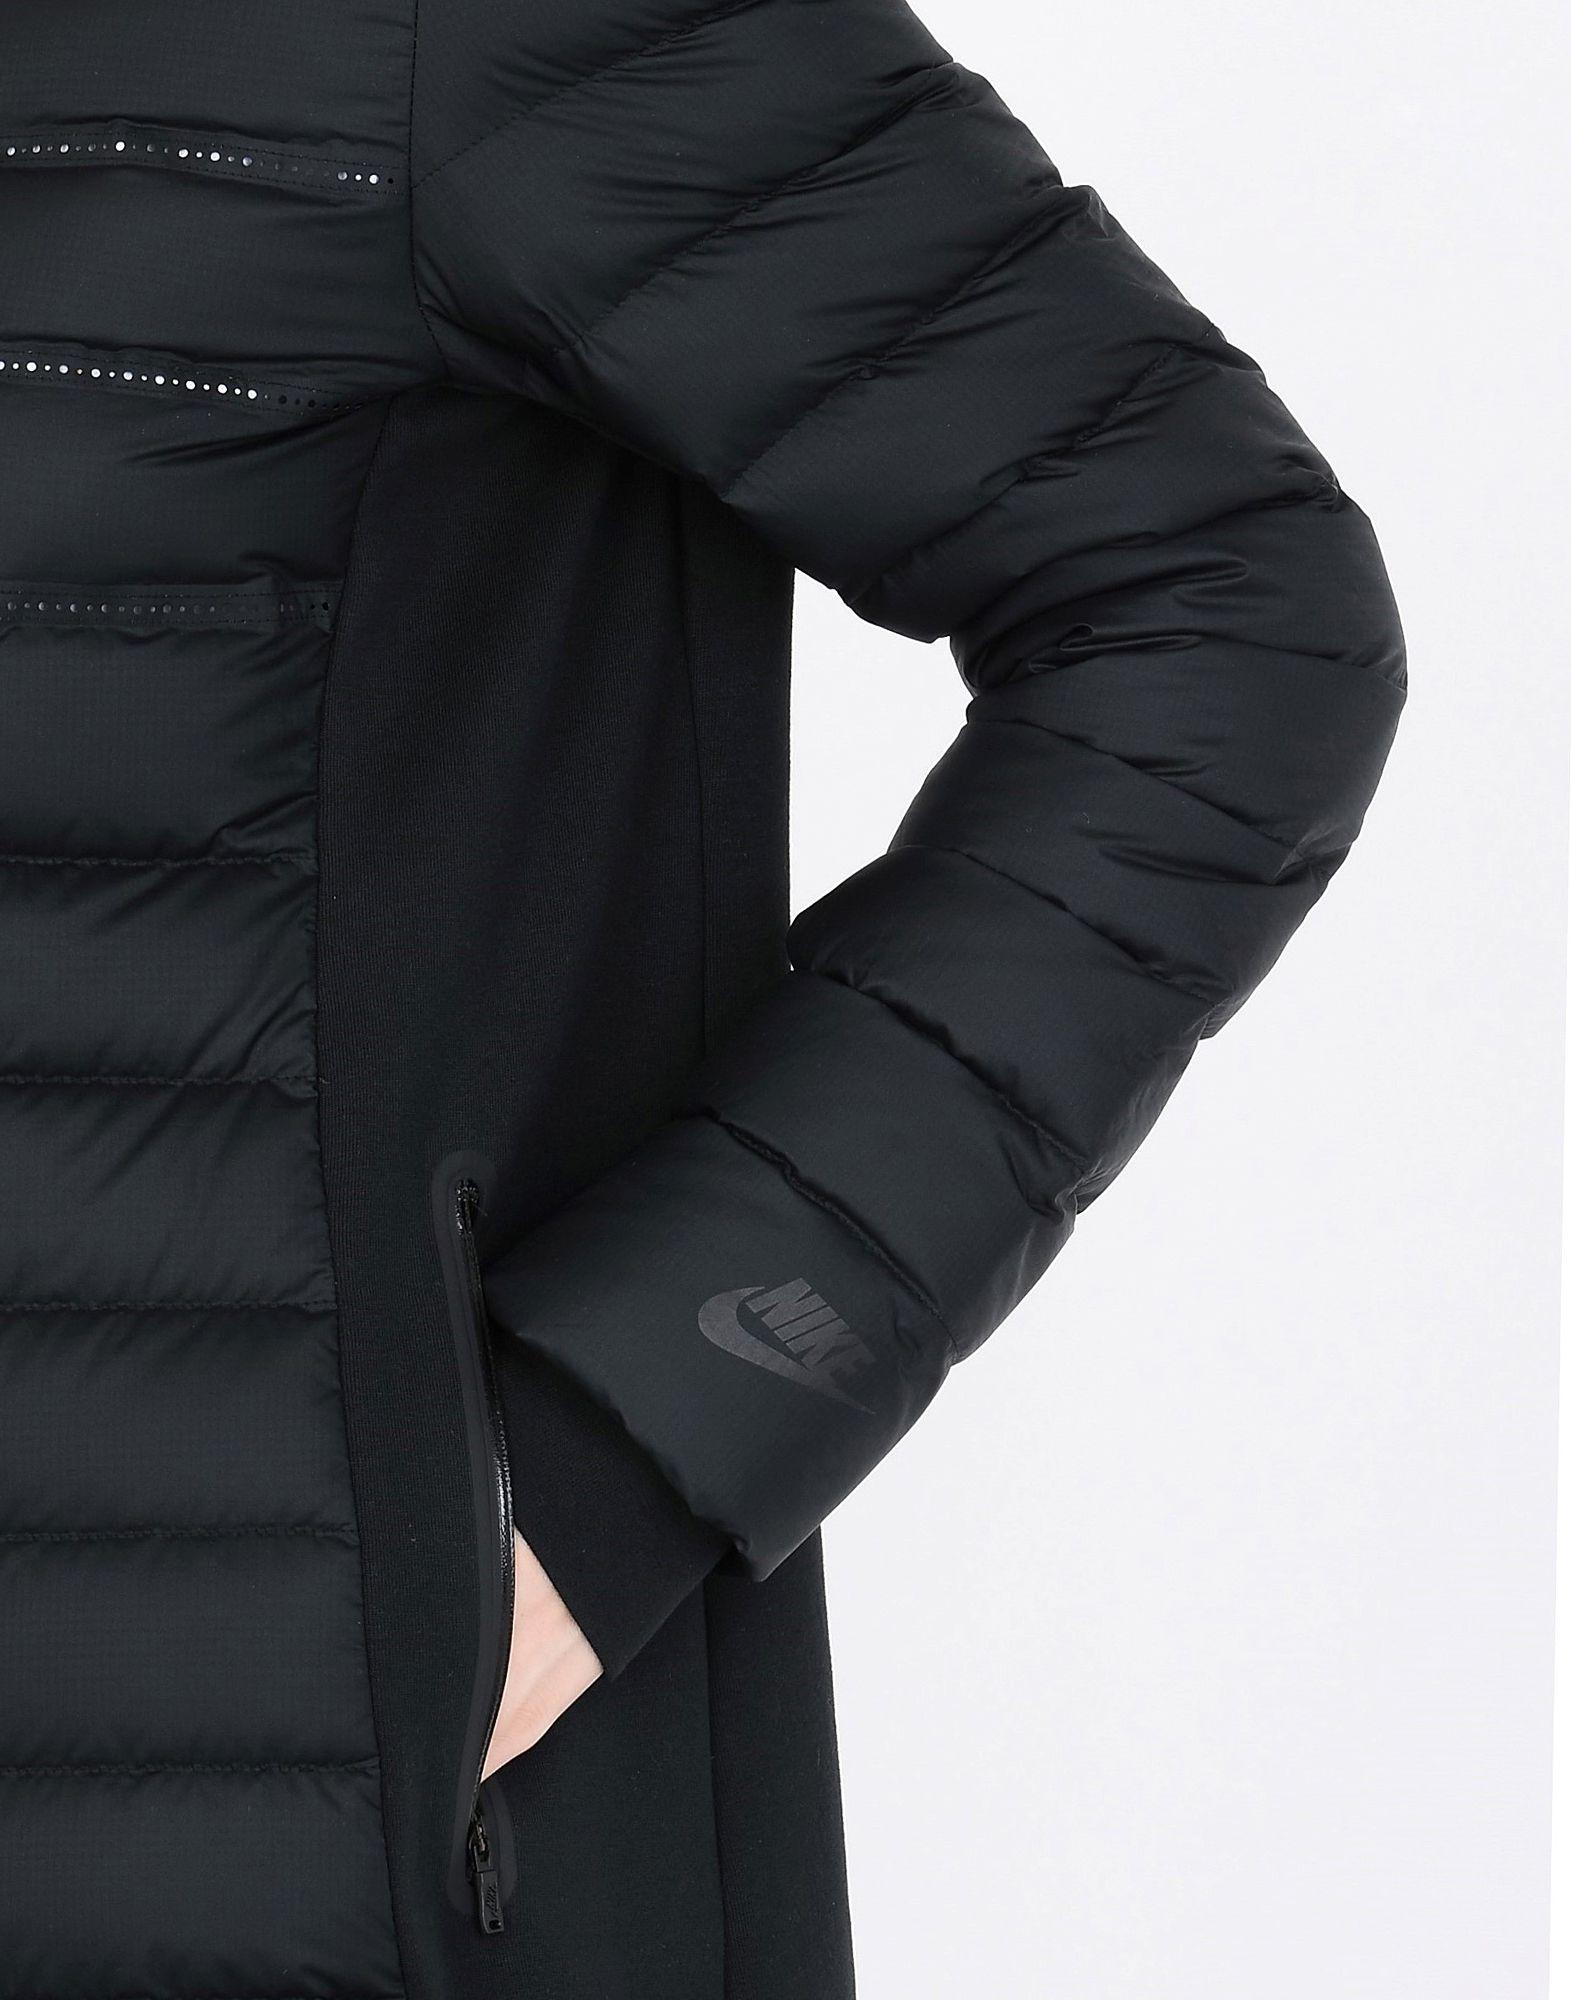 Nike Veste bicolore à capuche Noir et rose Femme Mode Vêtements Vestes  manteaux,nike soldes air max,nike air mag,marque pas cher en ligne 3898b2bf60f6